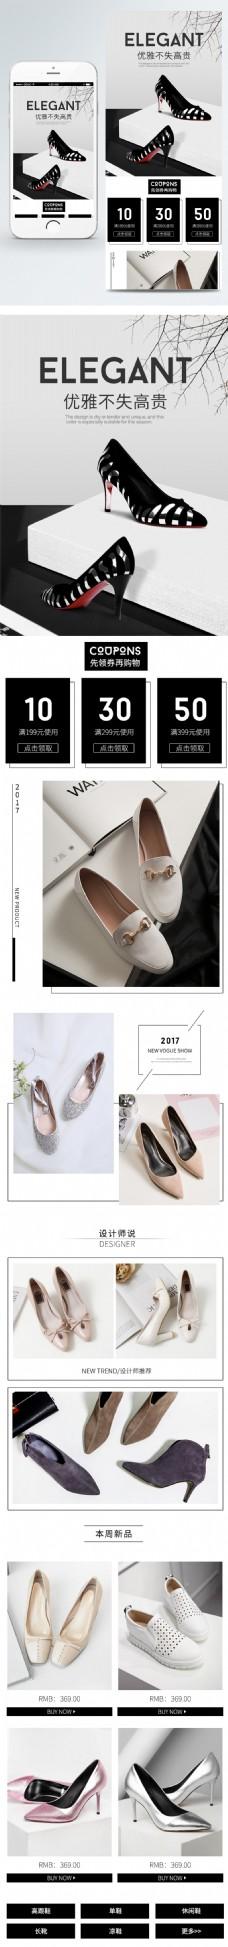 唯美风格女鞋手机端首页模板